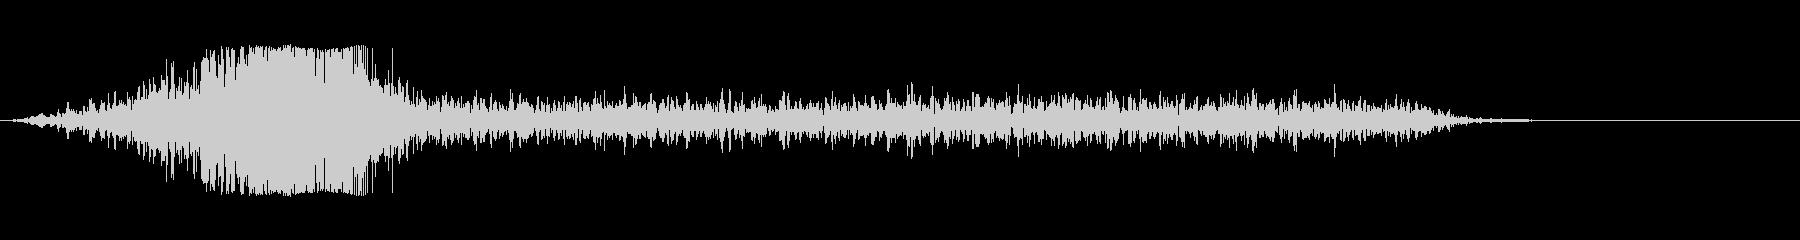 シューッという音EC07_88_3の未再生の波形